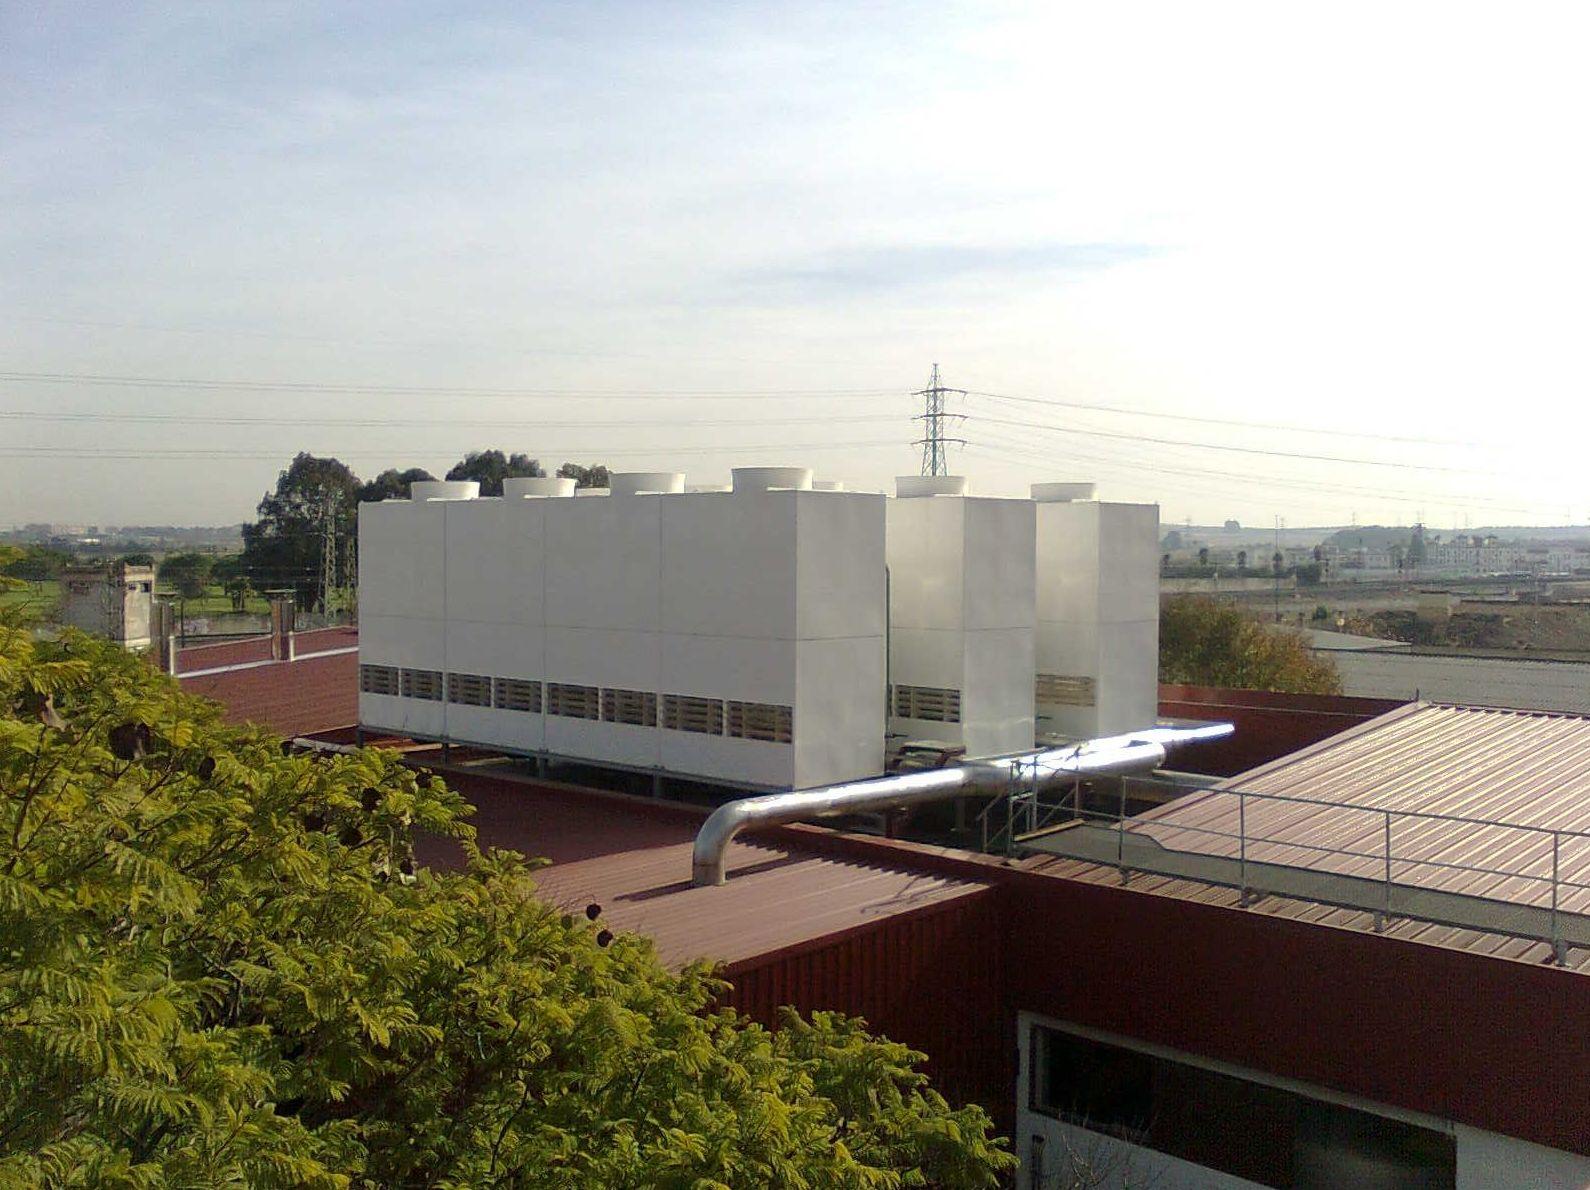 Las torres de refrigeración y los condensadores evaporativos son equipos completamente seguros